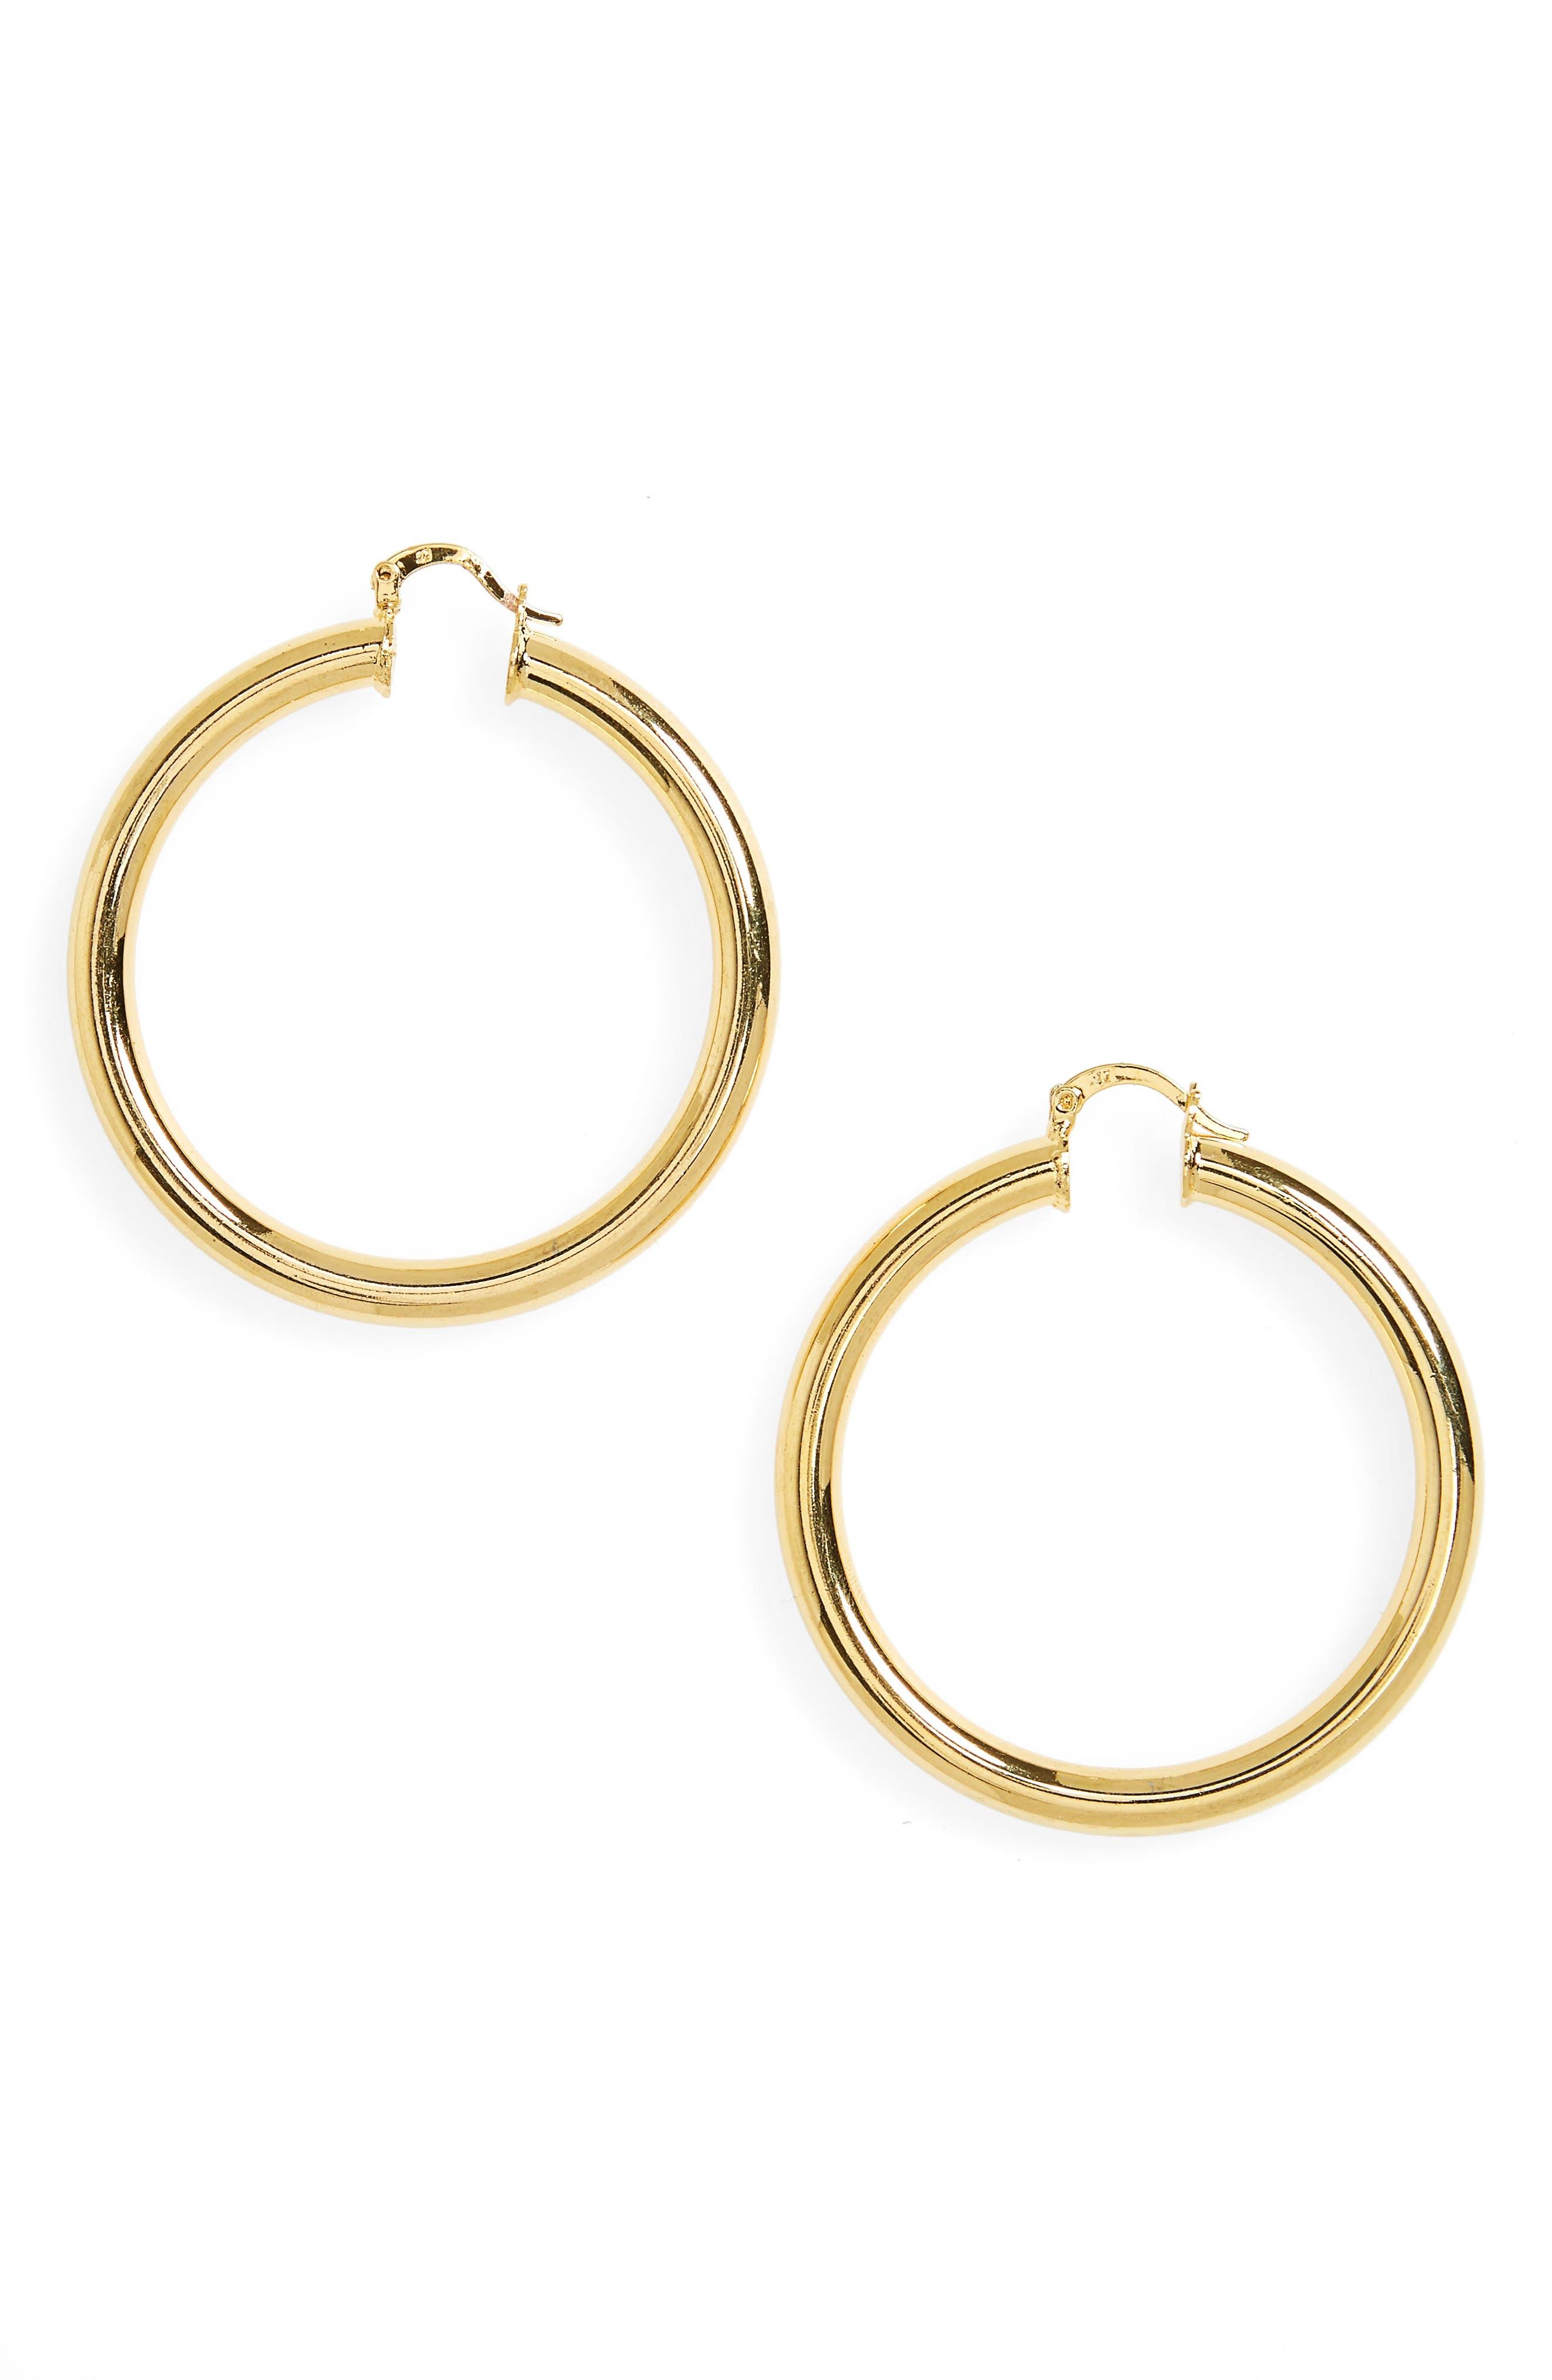 MELODY EHSANI,                             Sade Medium Hoop Earrings,                             Main thumbnail 1, color,                             710